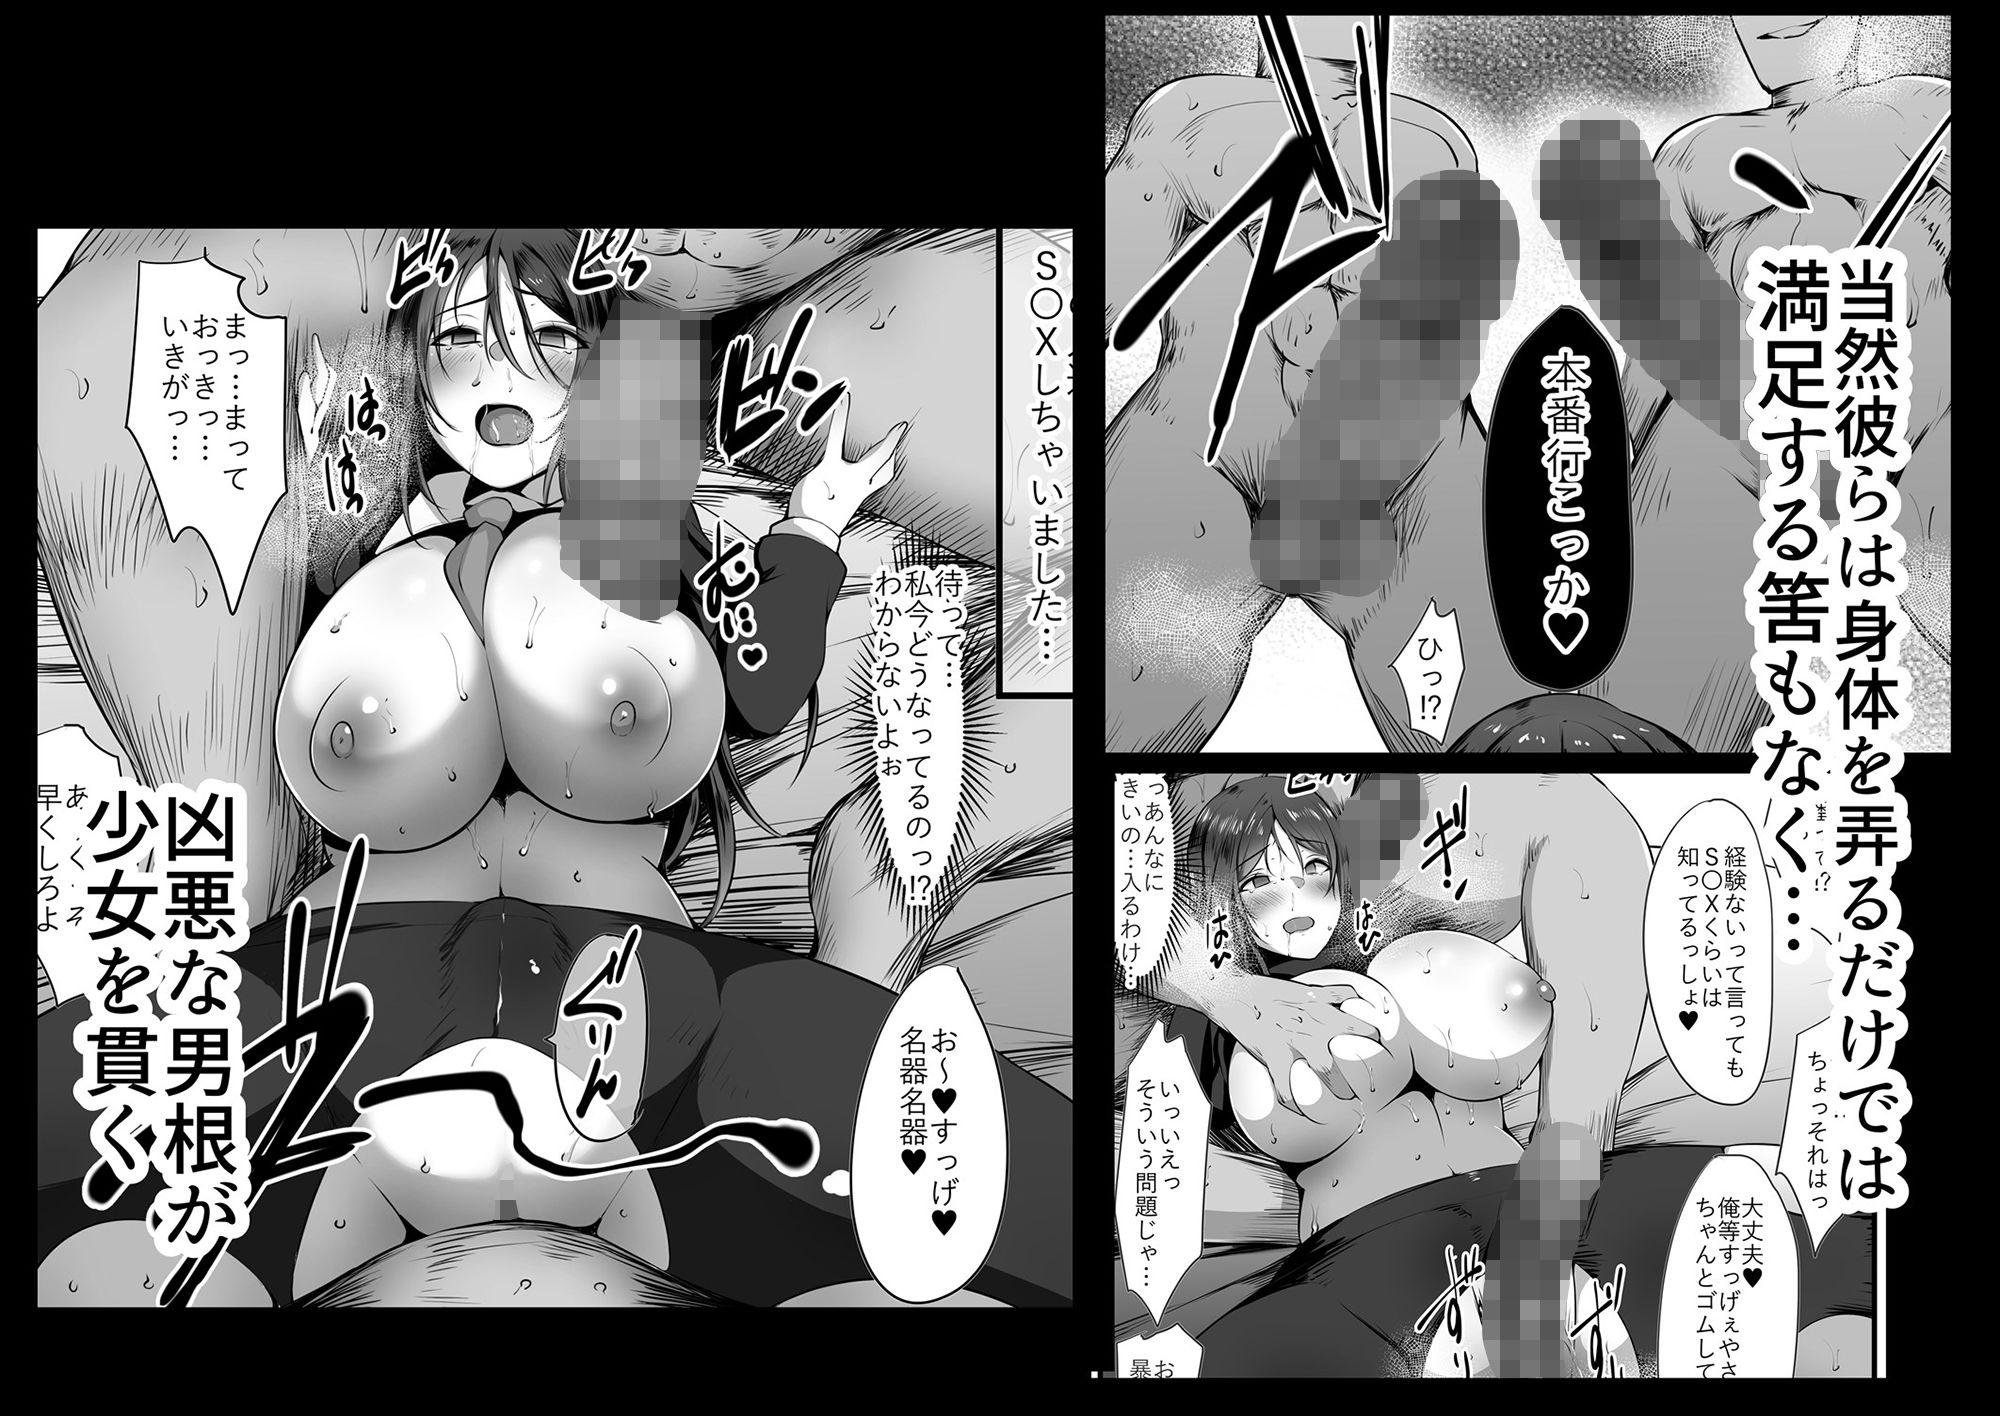 [猫八営業部 猫サム雷] 眼鏡の奥の君~カノとられ~ サンプル画像 04